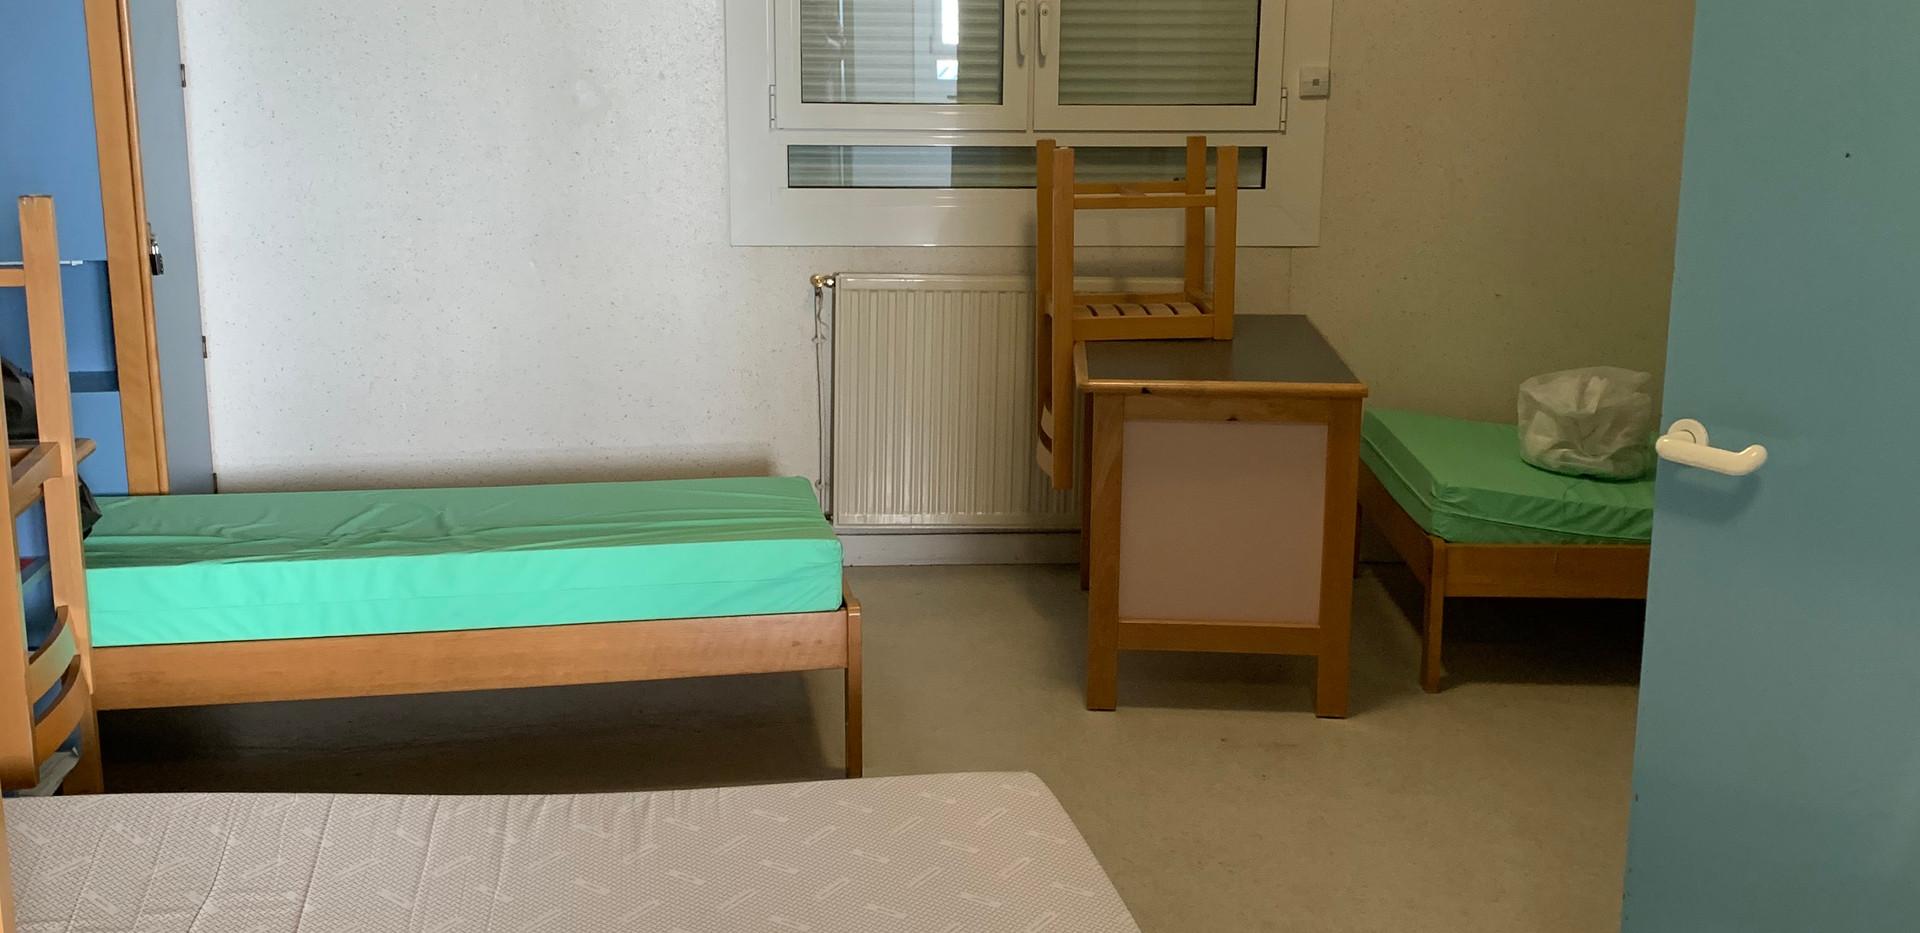 Chambre type internats 5-6